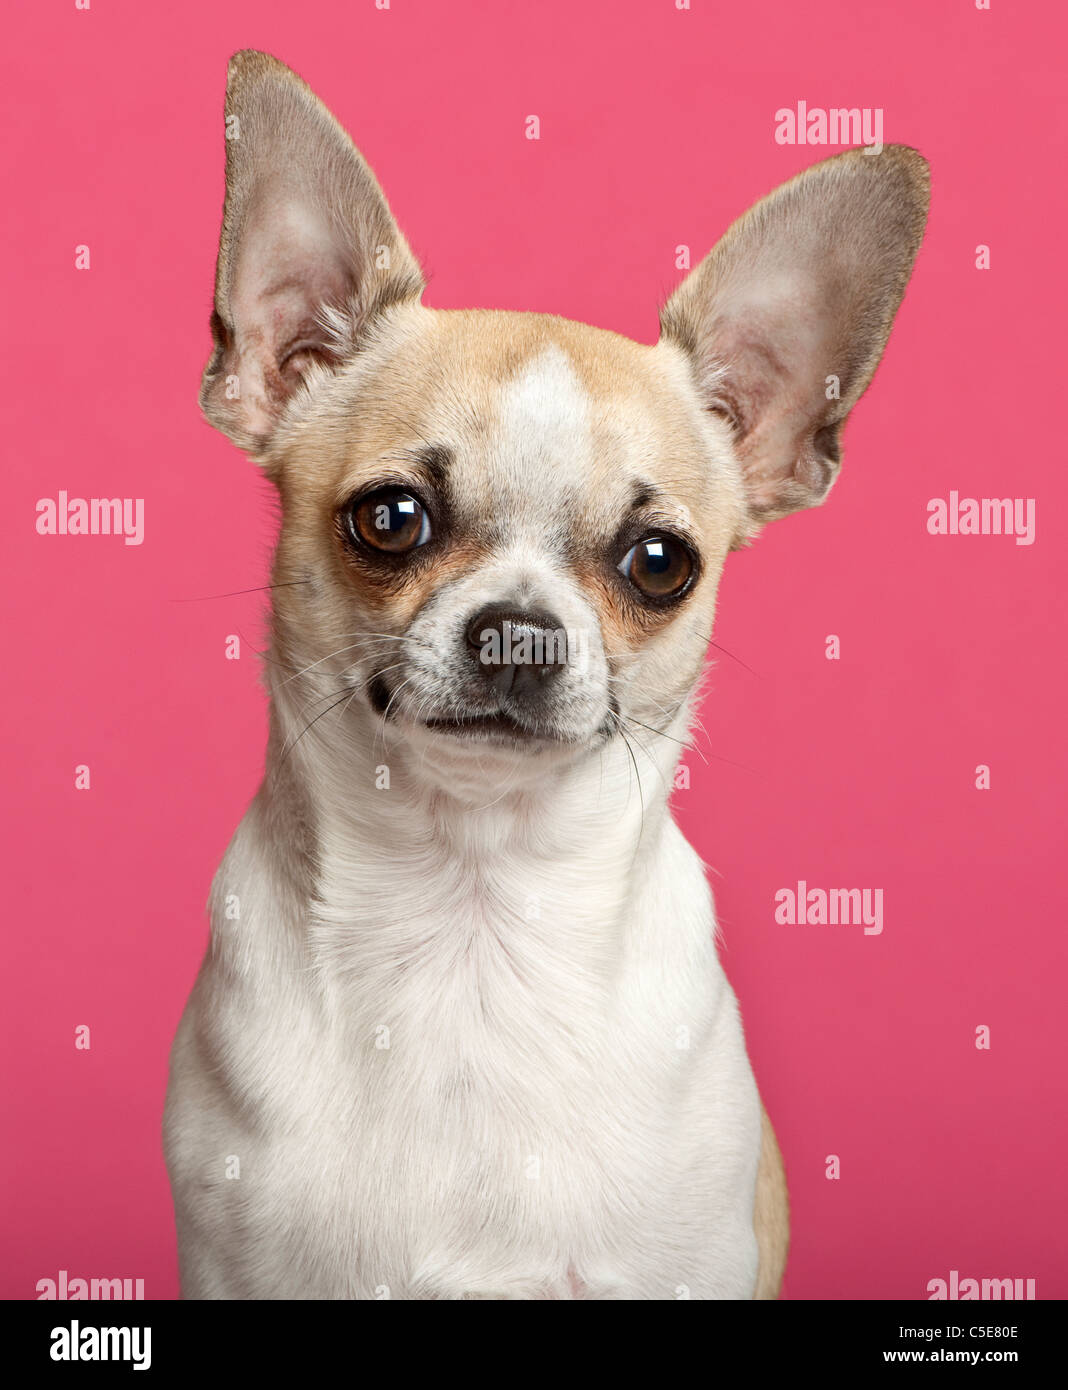 Cerca de la ciudad de Chihuahua, de 9 meses de edad, en la parte delantera de color rosa de fondo Imagen De Stock